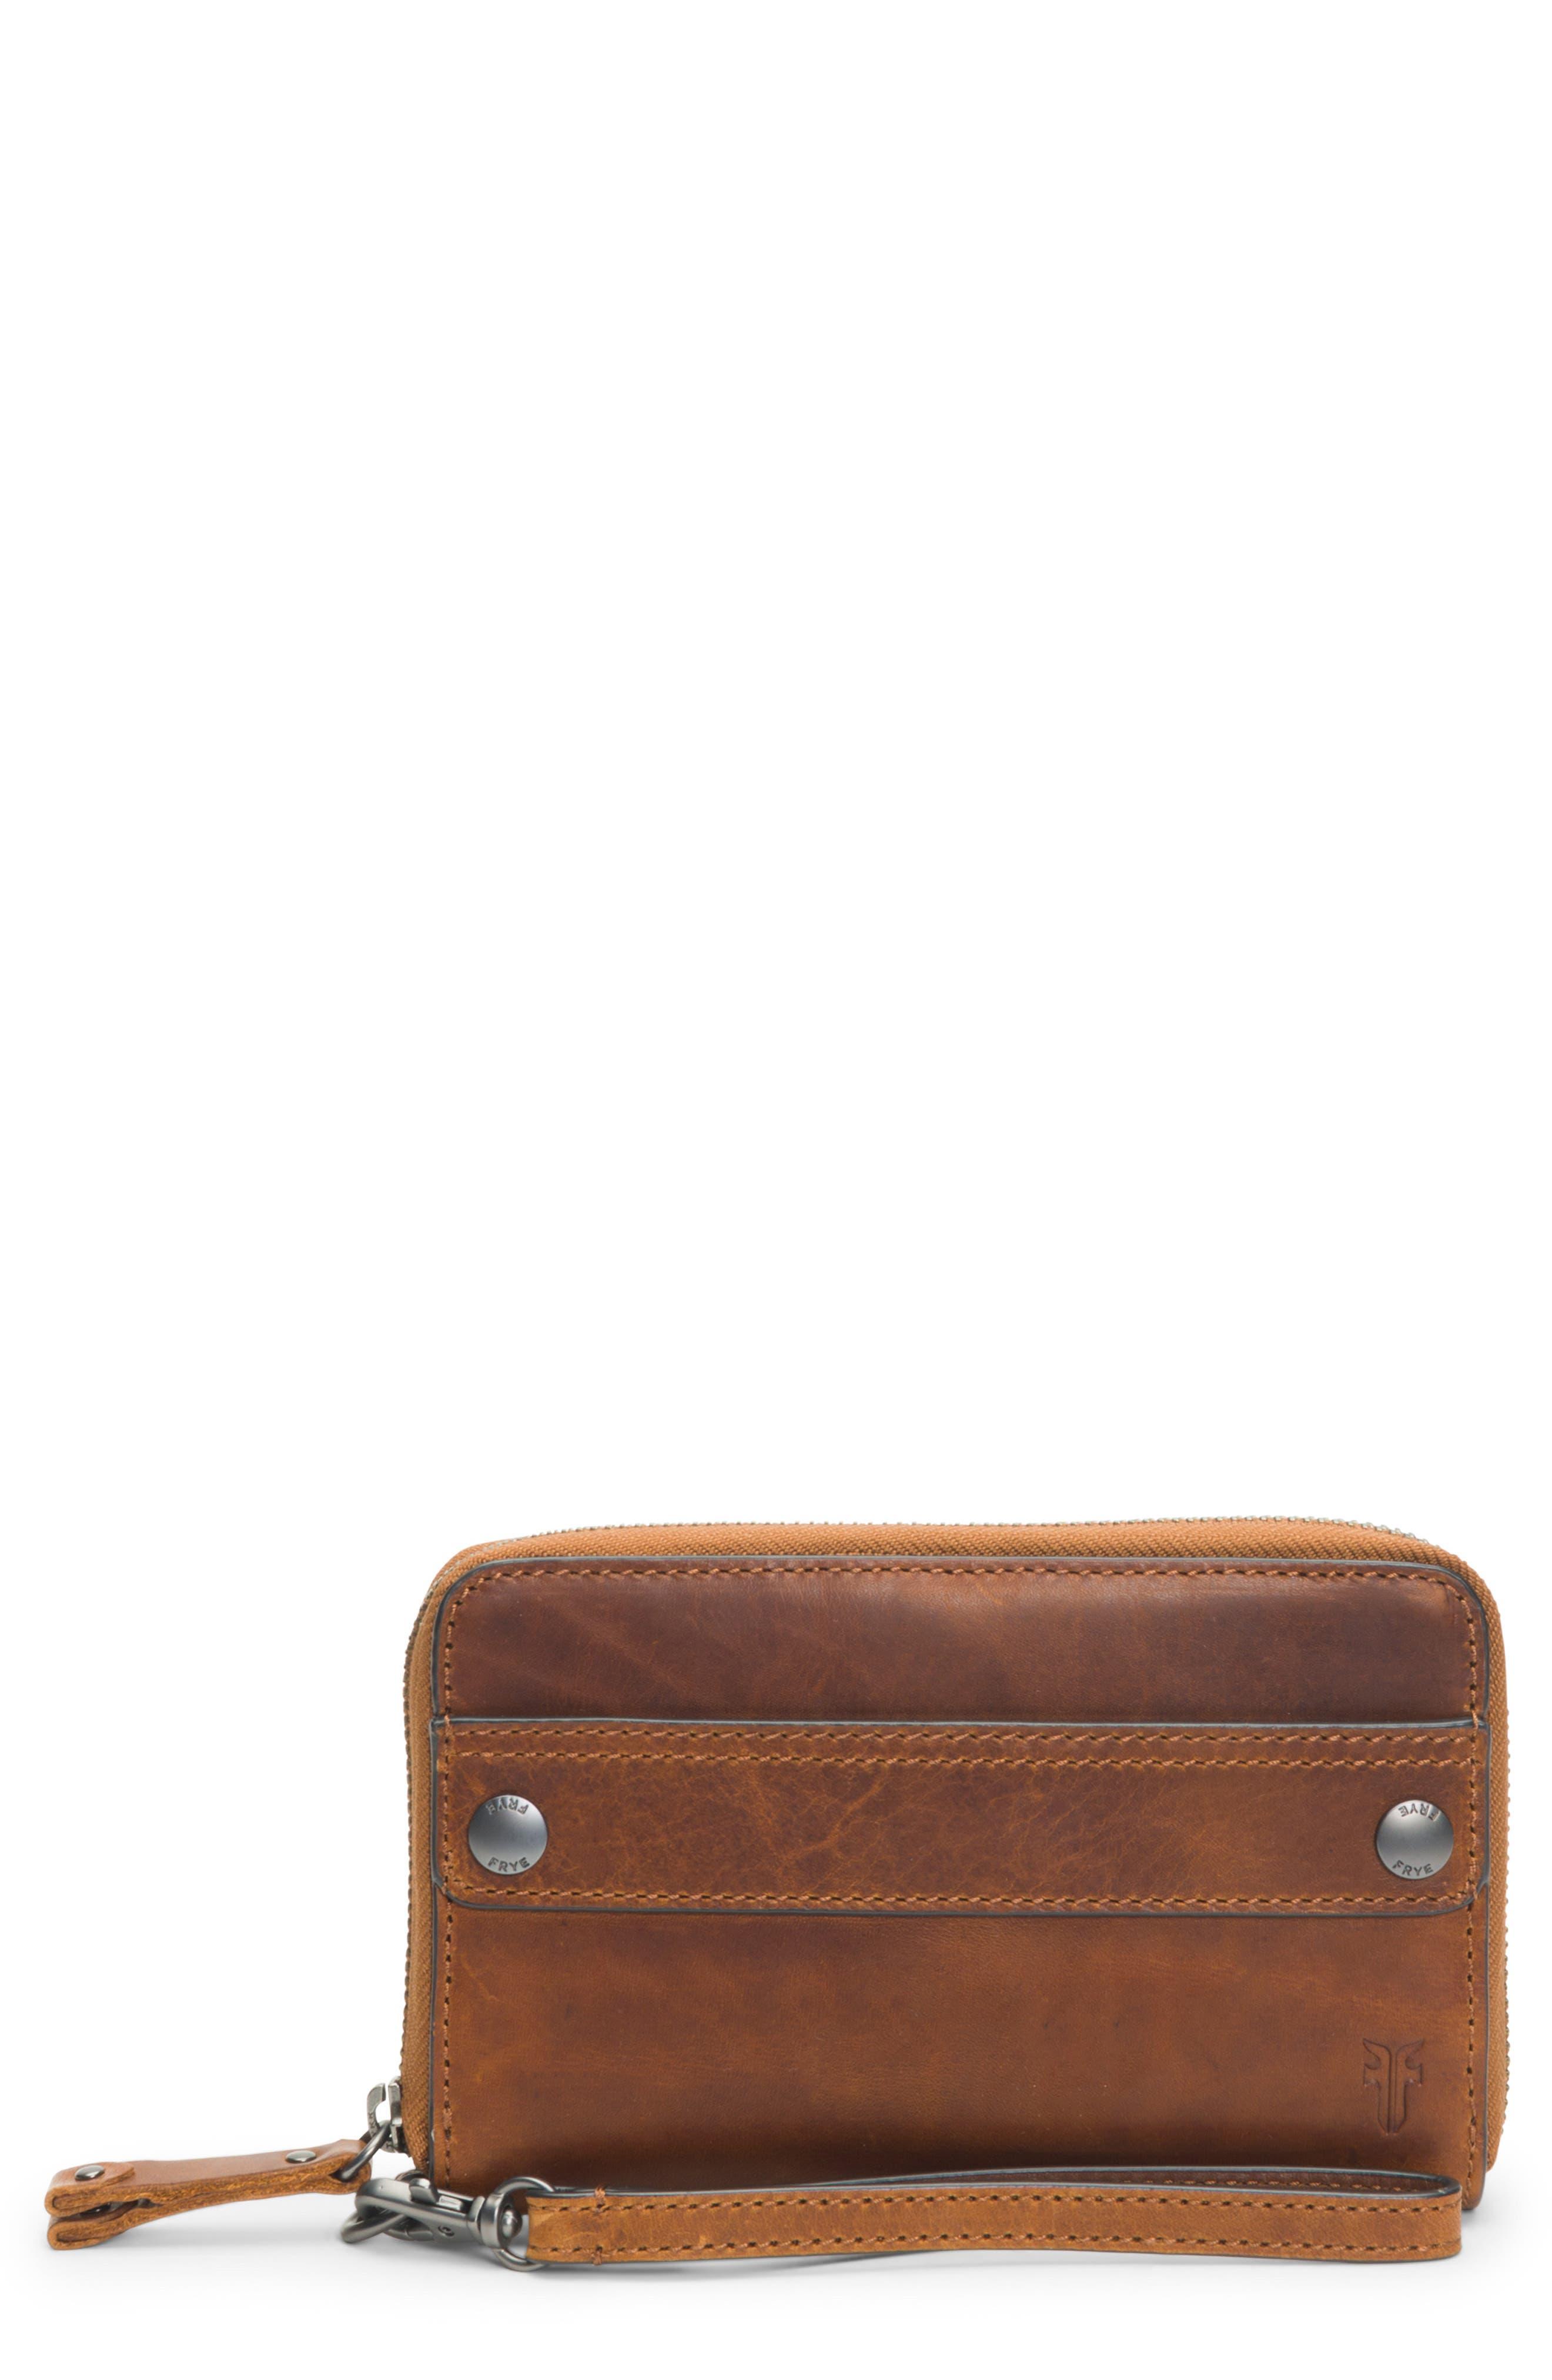 Melissa Large Leather Phone Wallet,                         Main,                         color, COGNAC